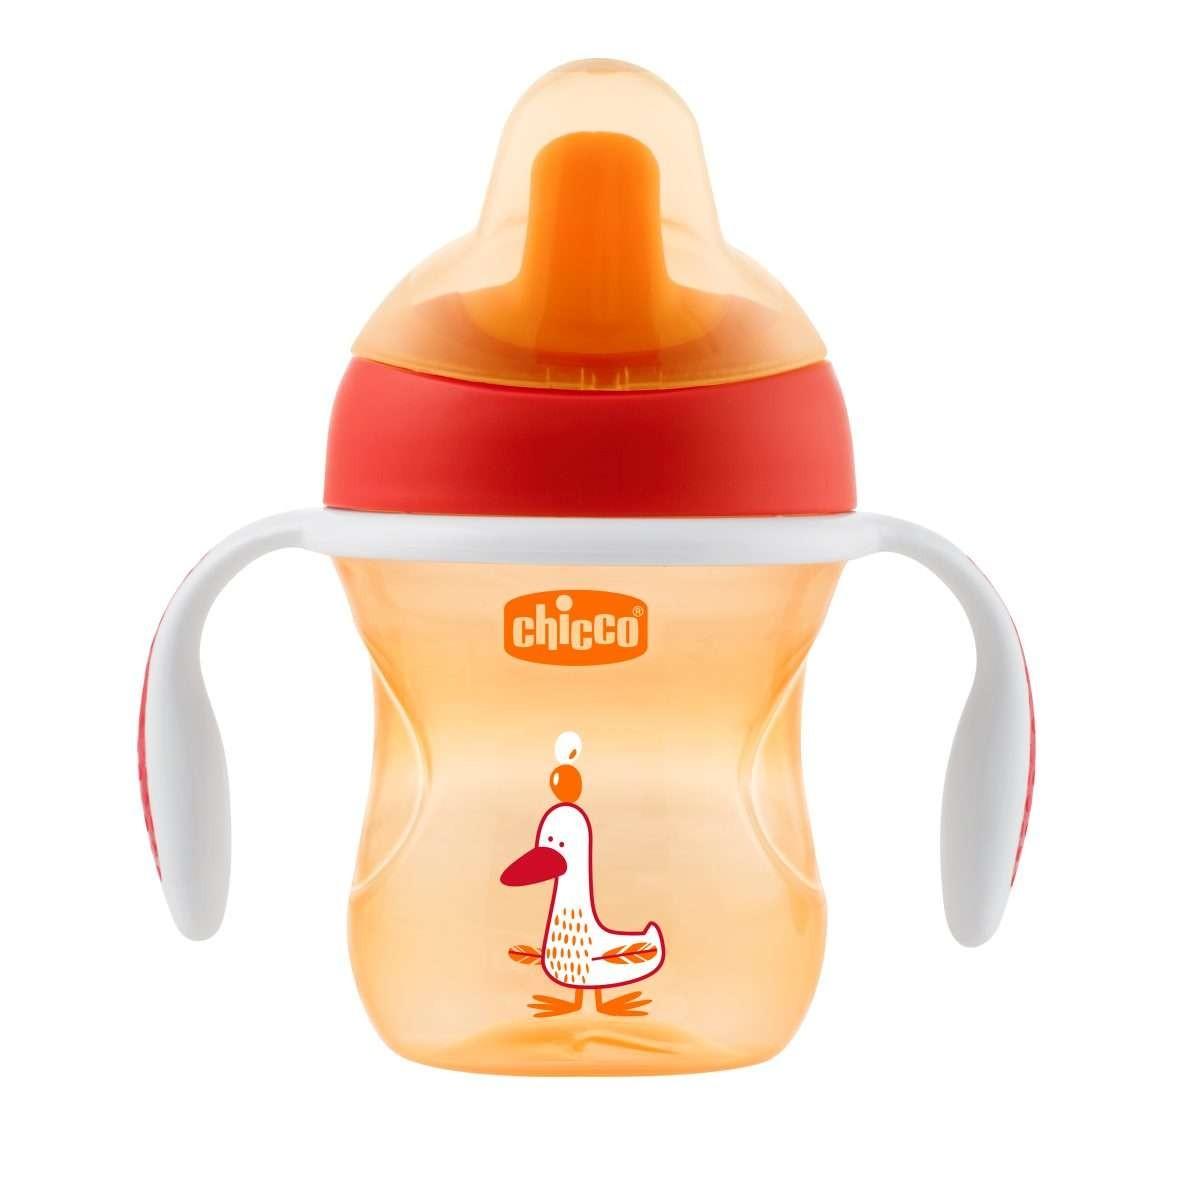 Chicco hrnček trénujeme s držadlami 200 ml, 6m+ - oranžový